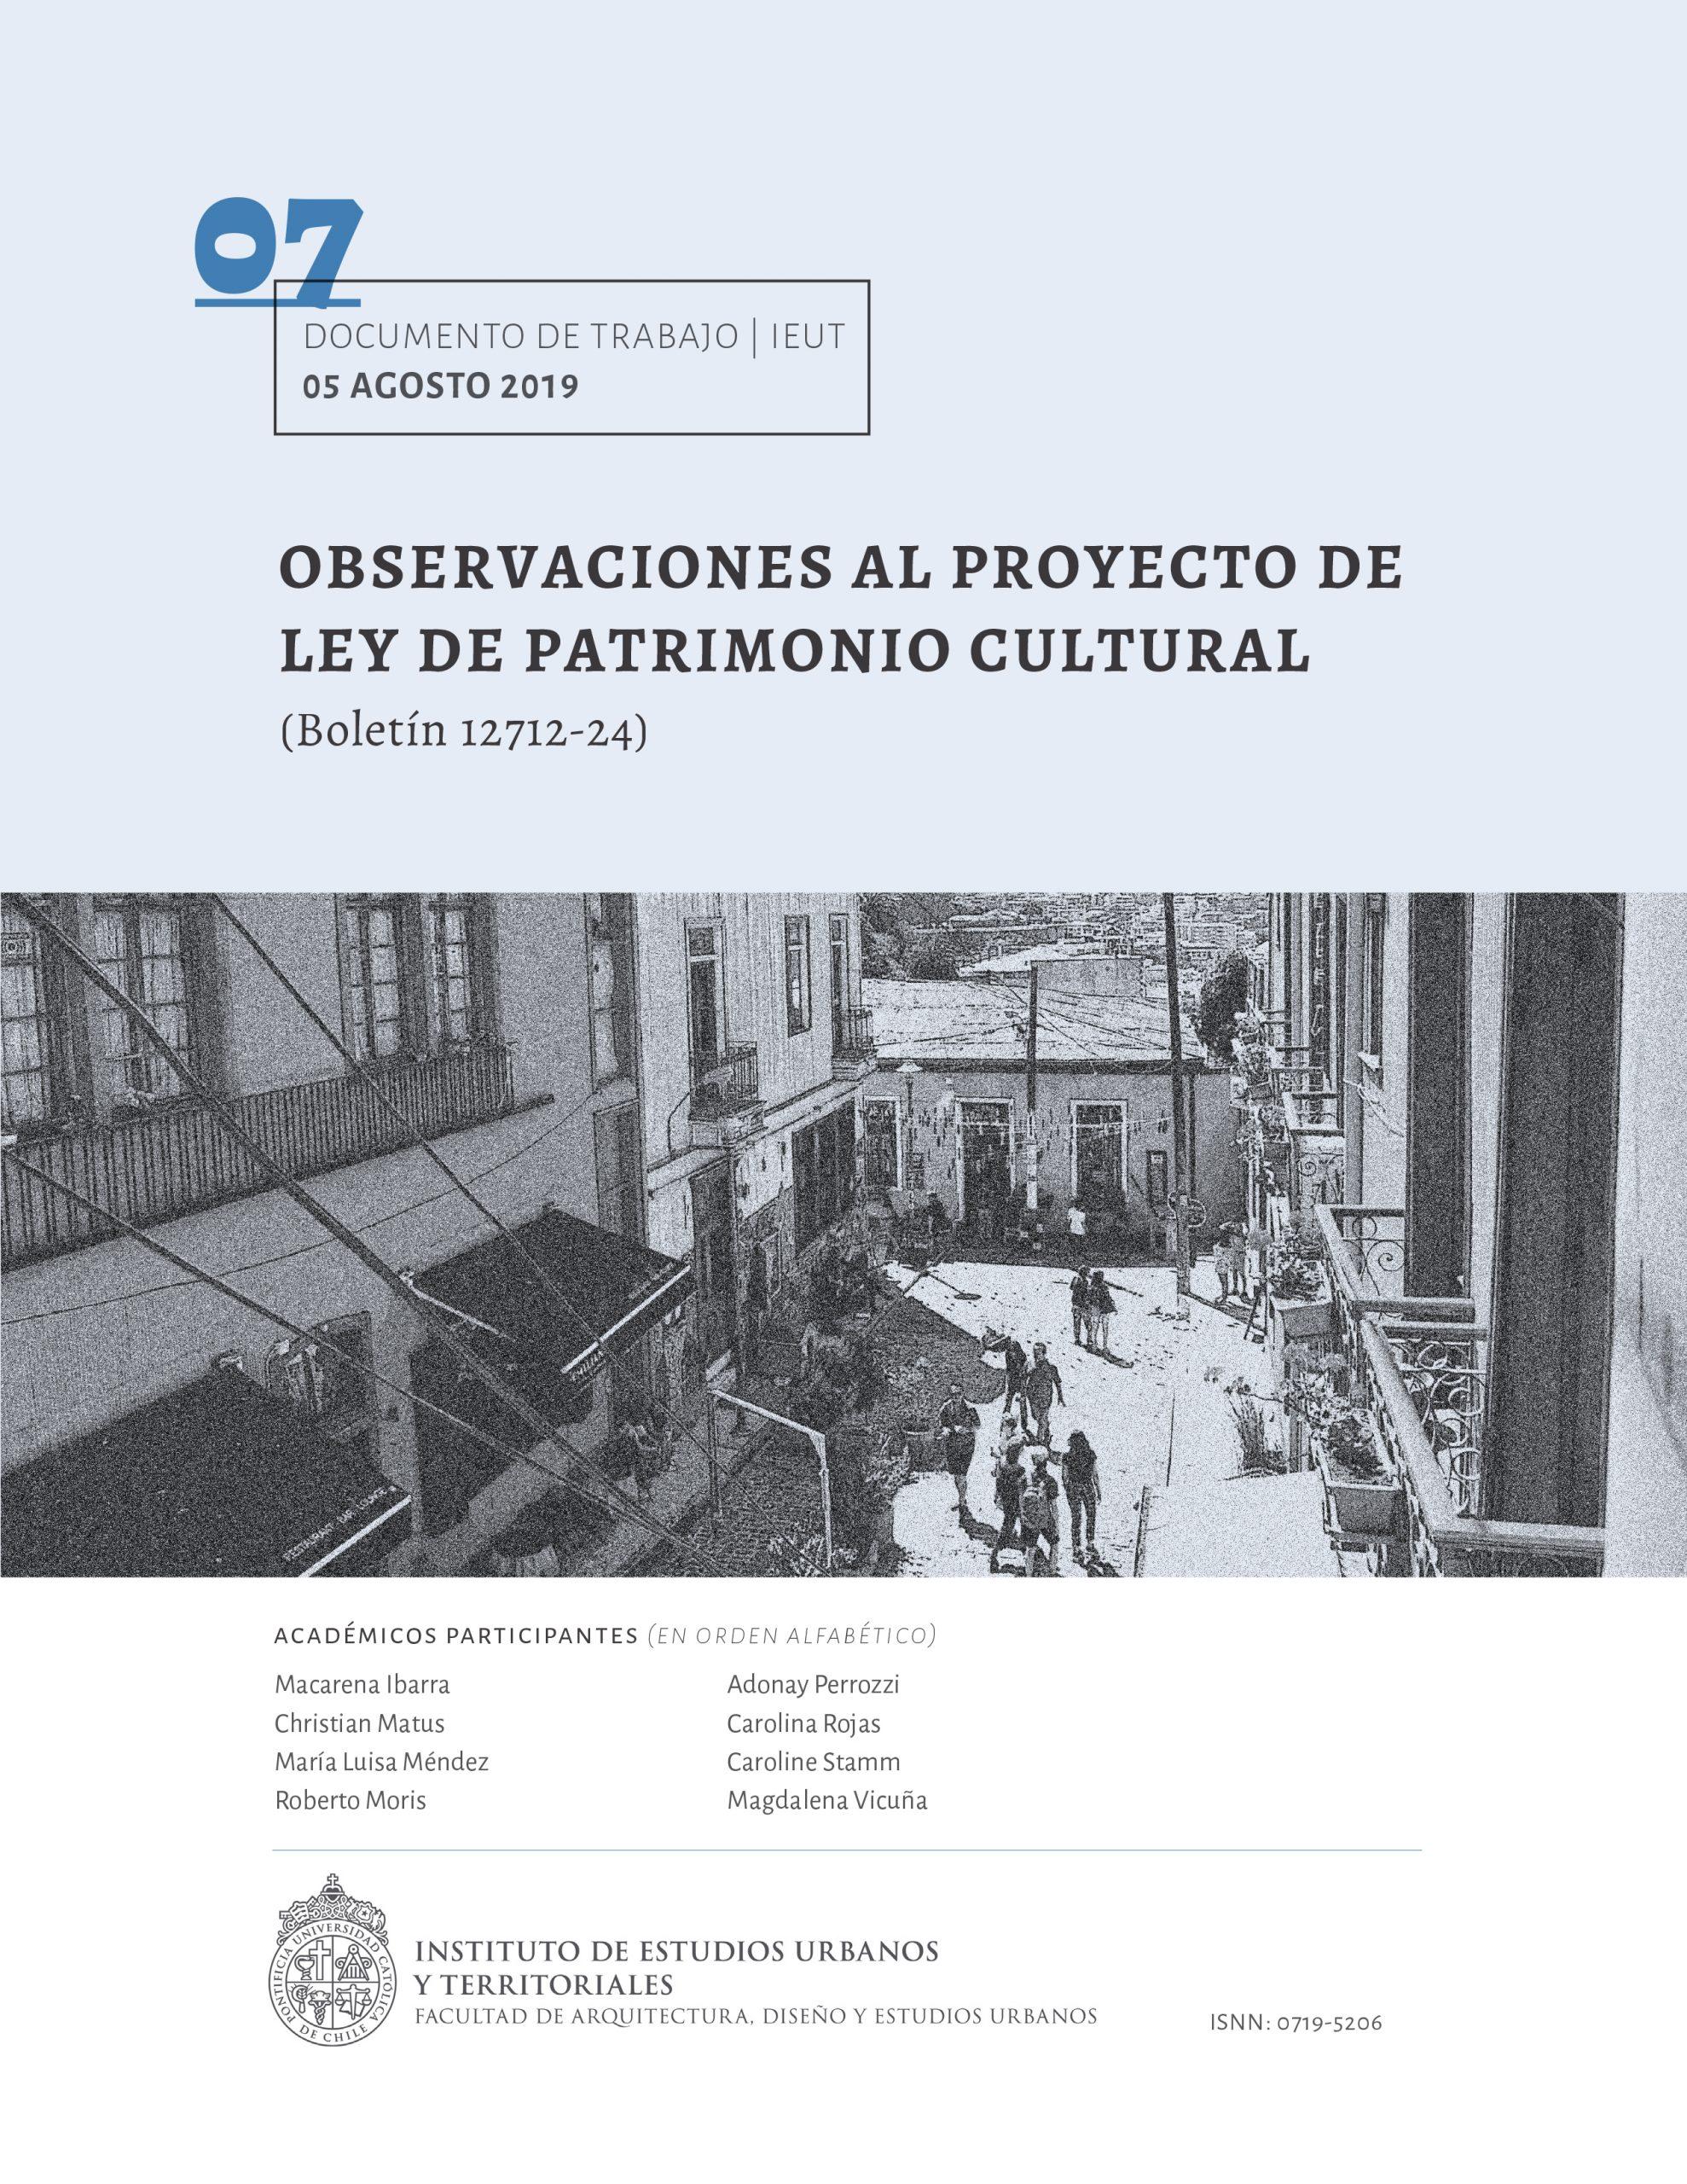 Observaciones al Proyecto de Ley de Patrimonio Cultural